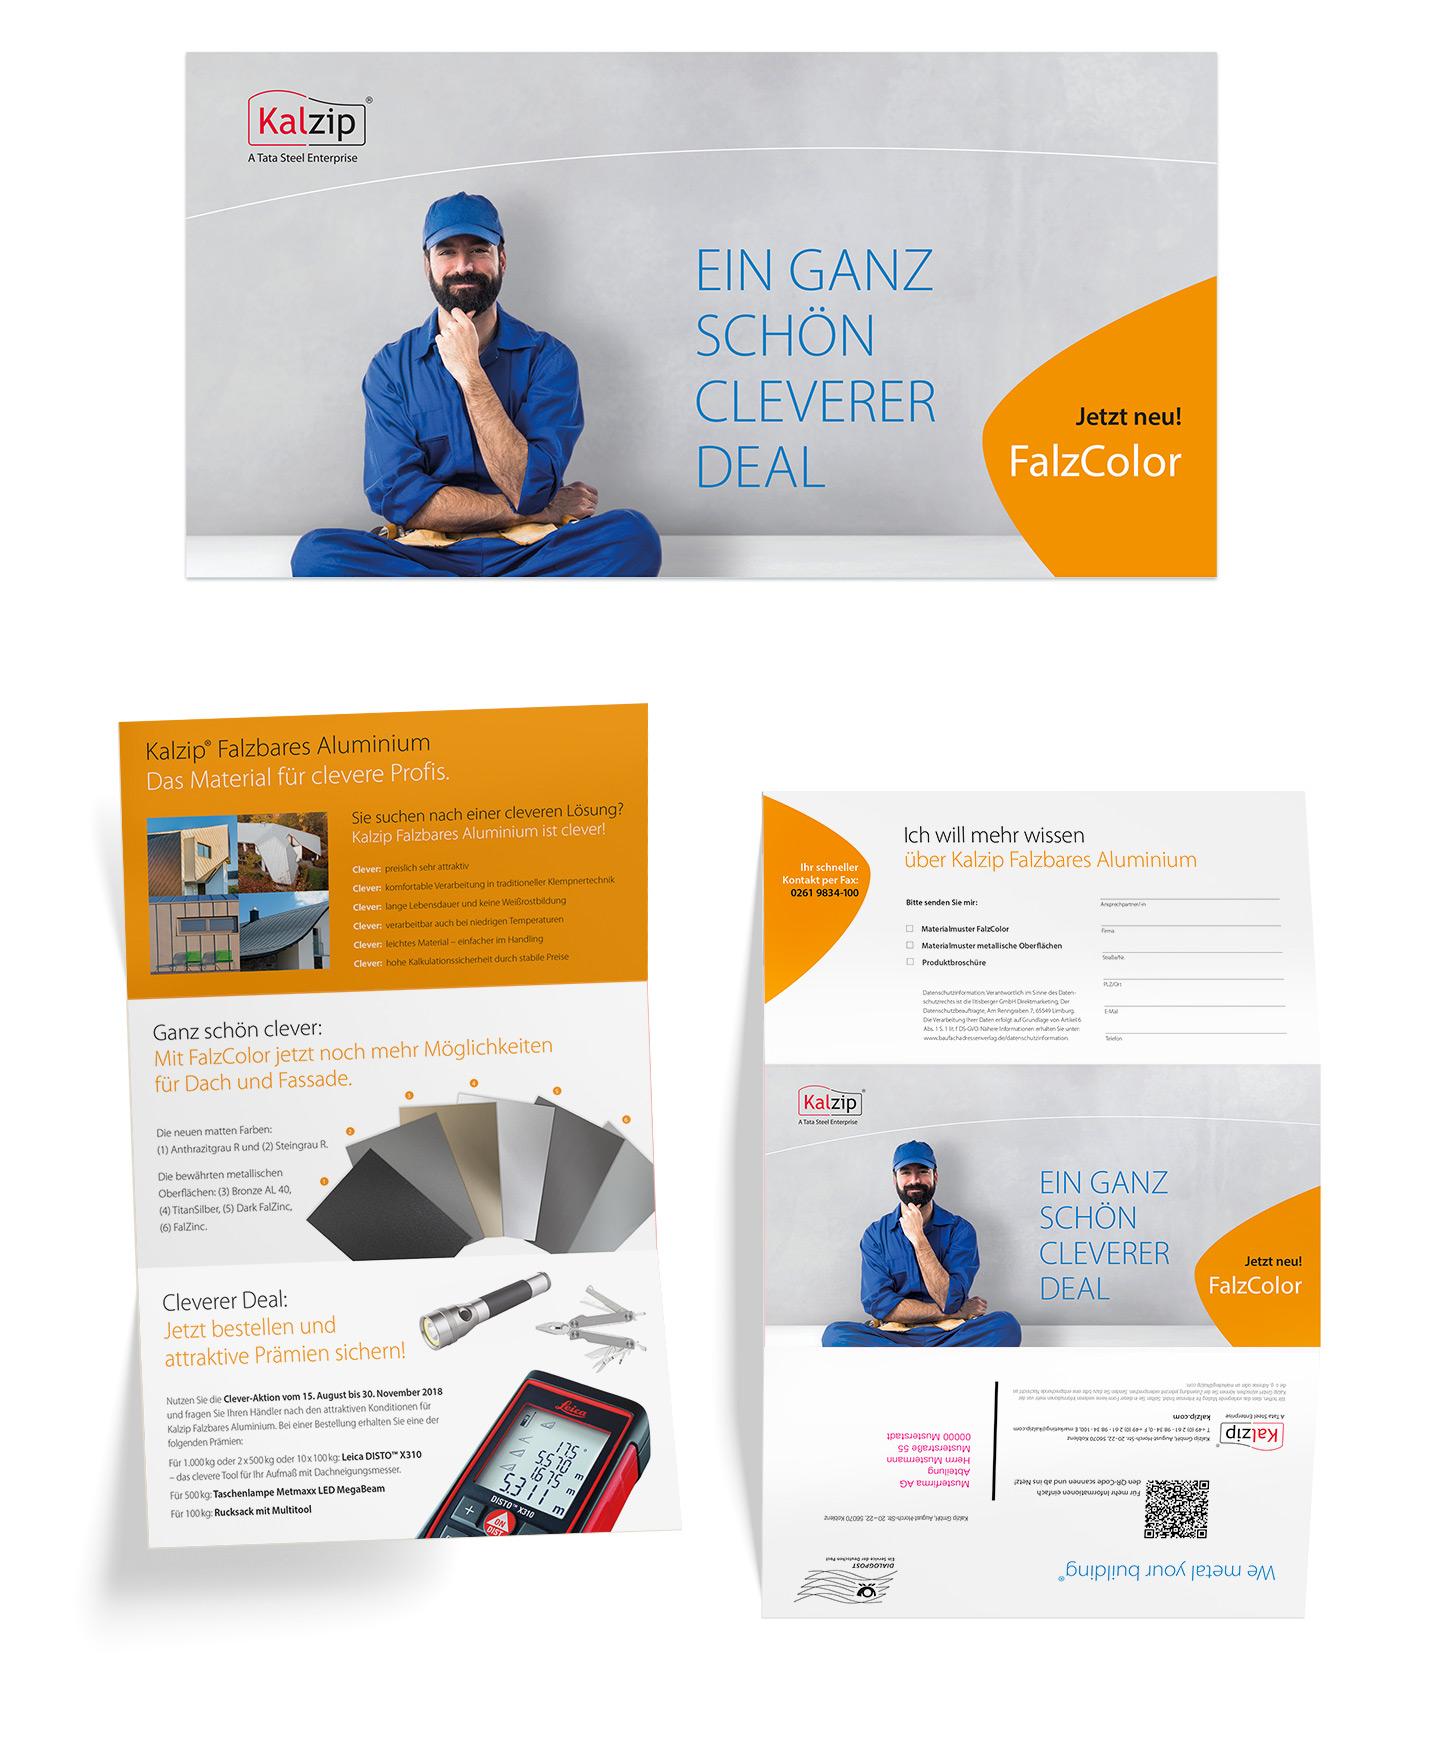 P12-Werbeagentur Heidelberg Referenz KALZIP Mailing Verarbeiter